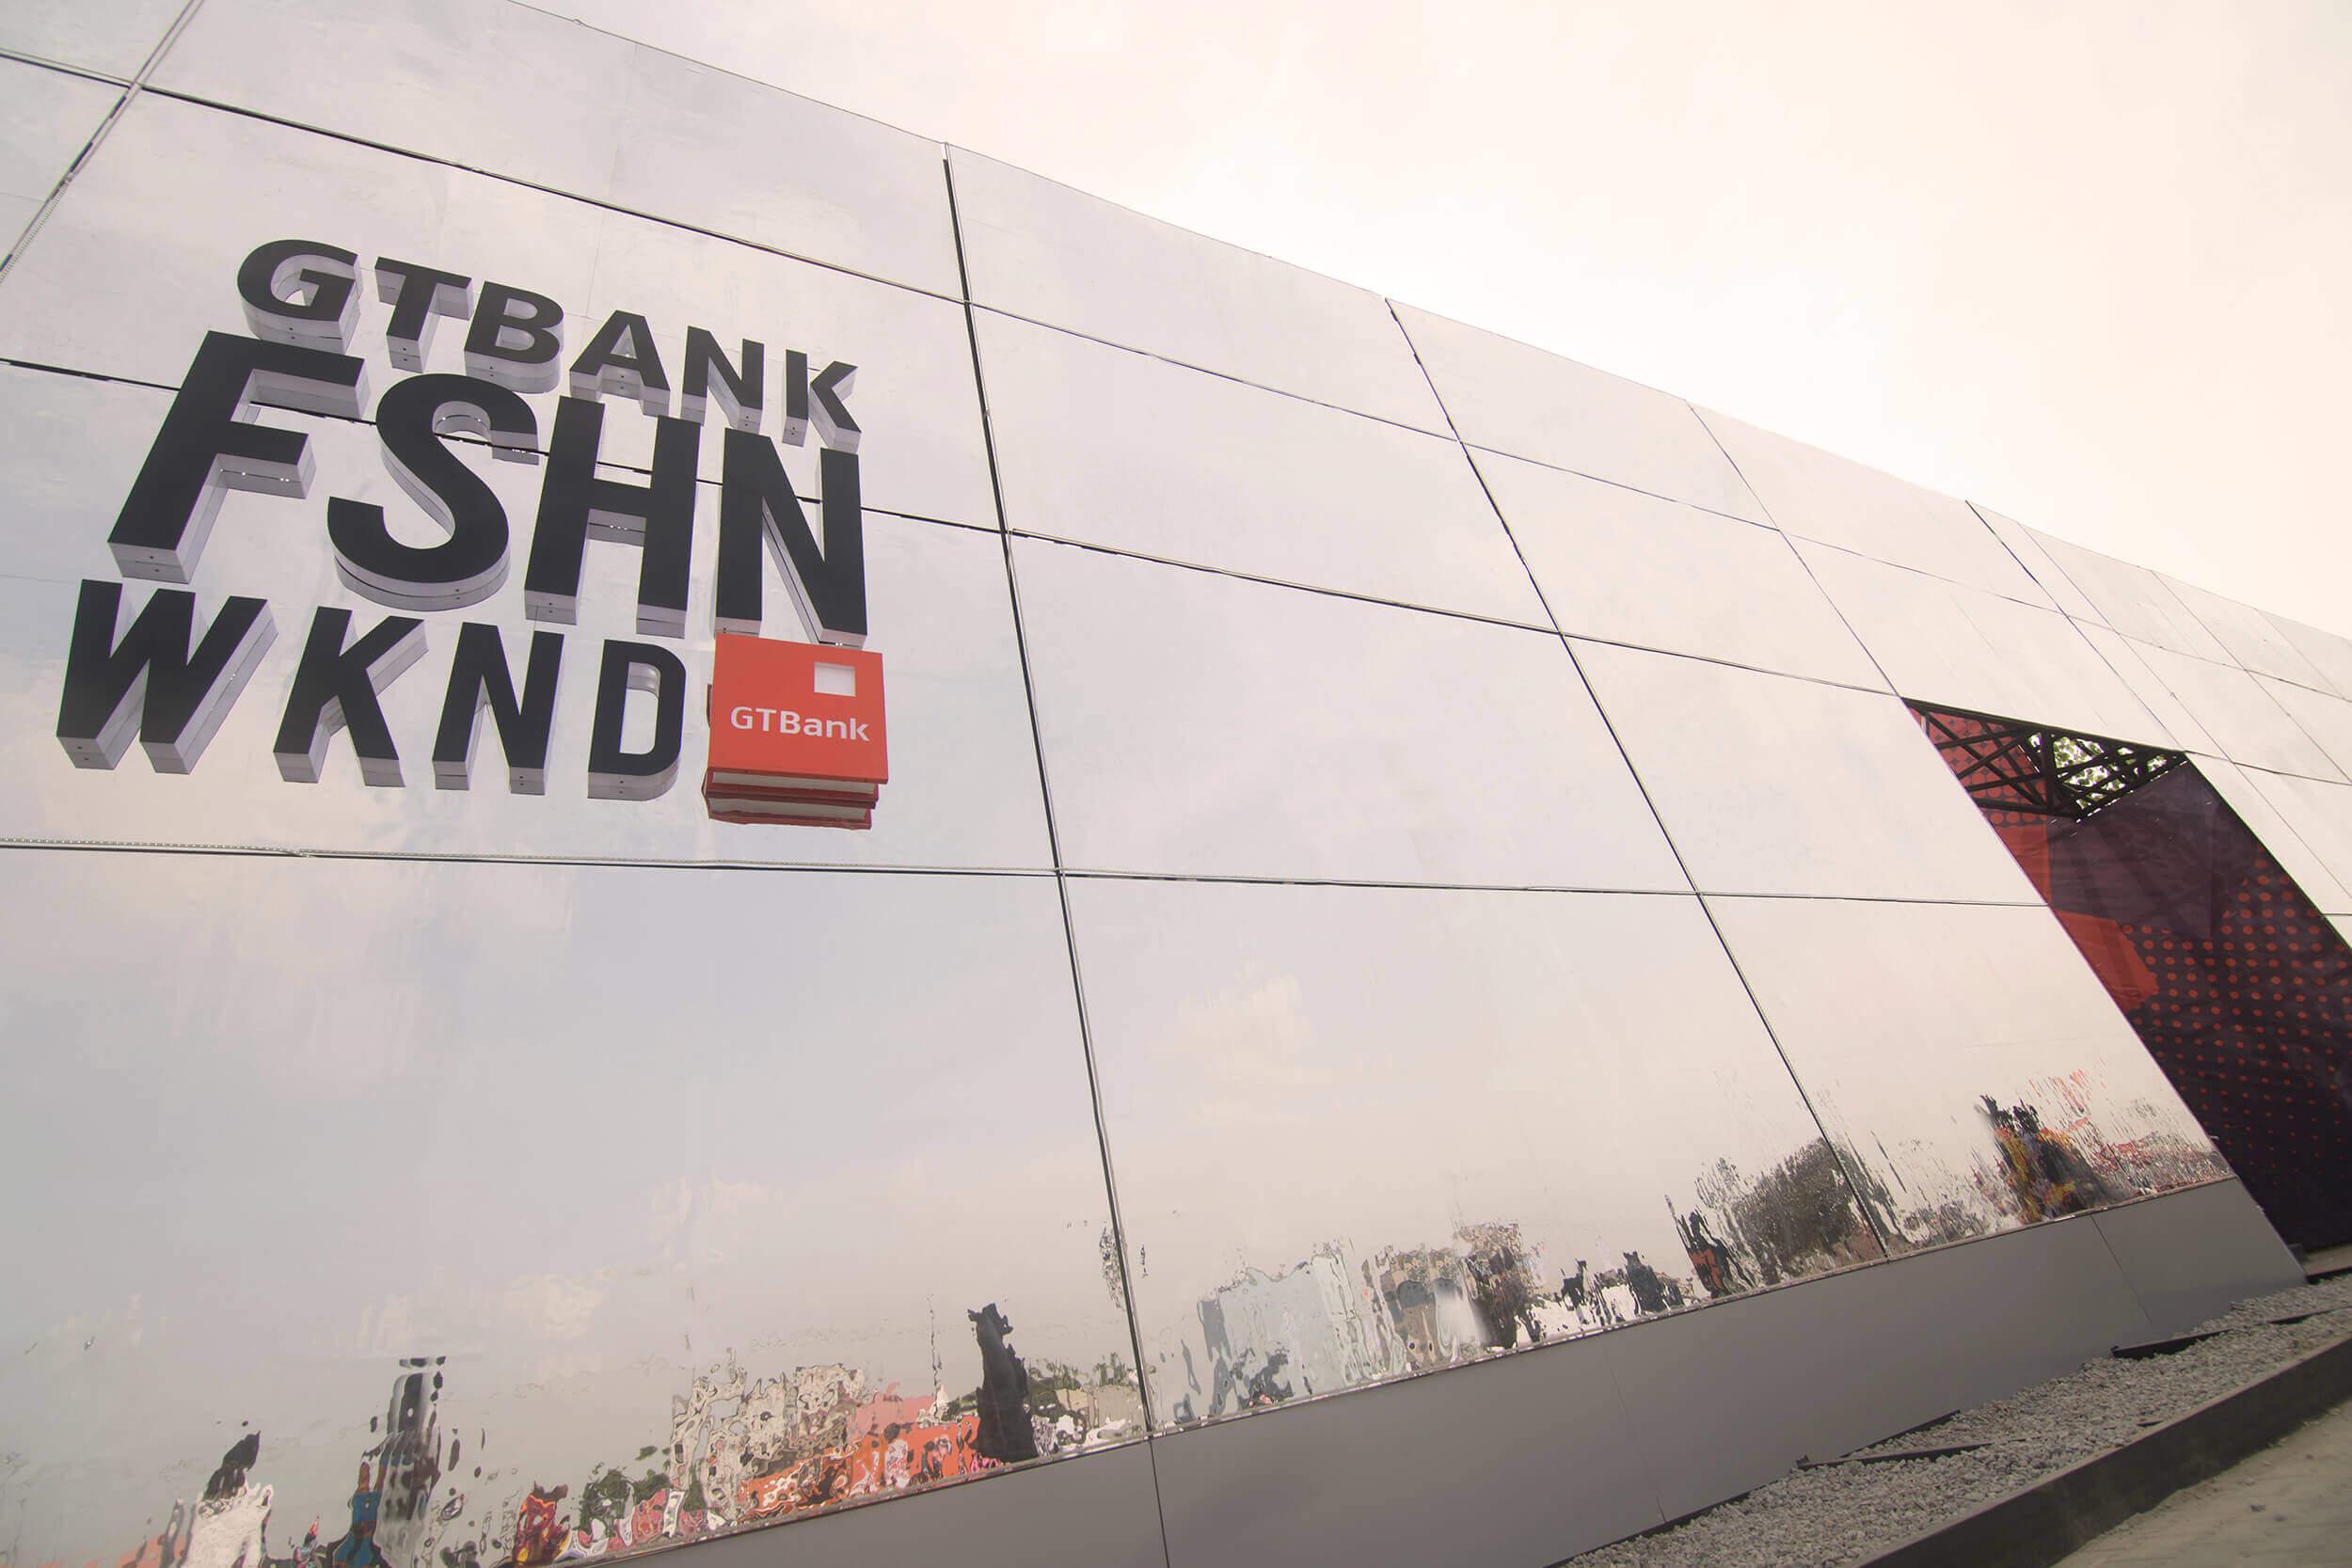 GTBANK-FSHN-WKND